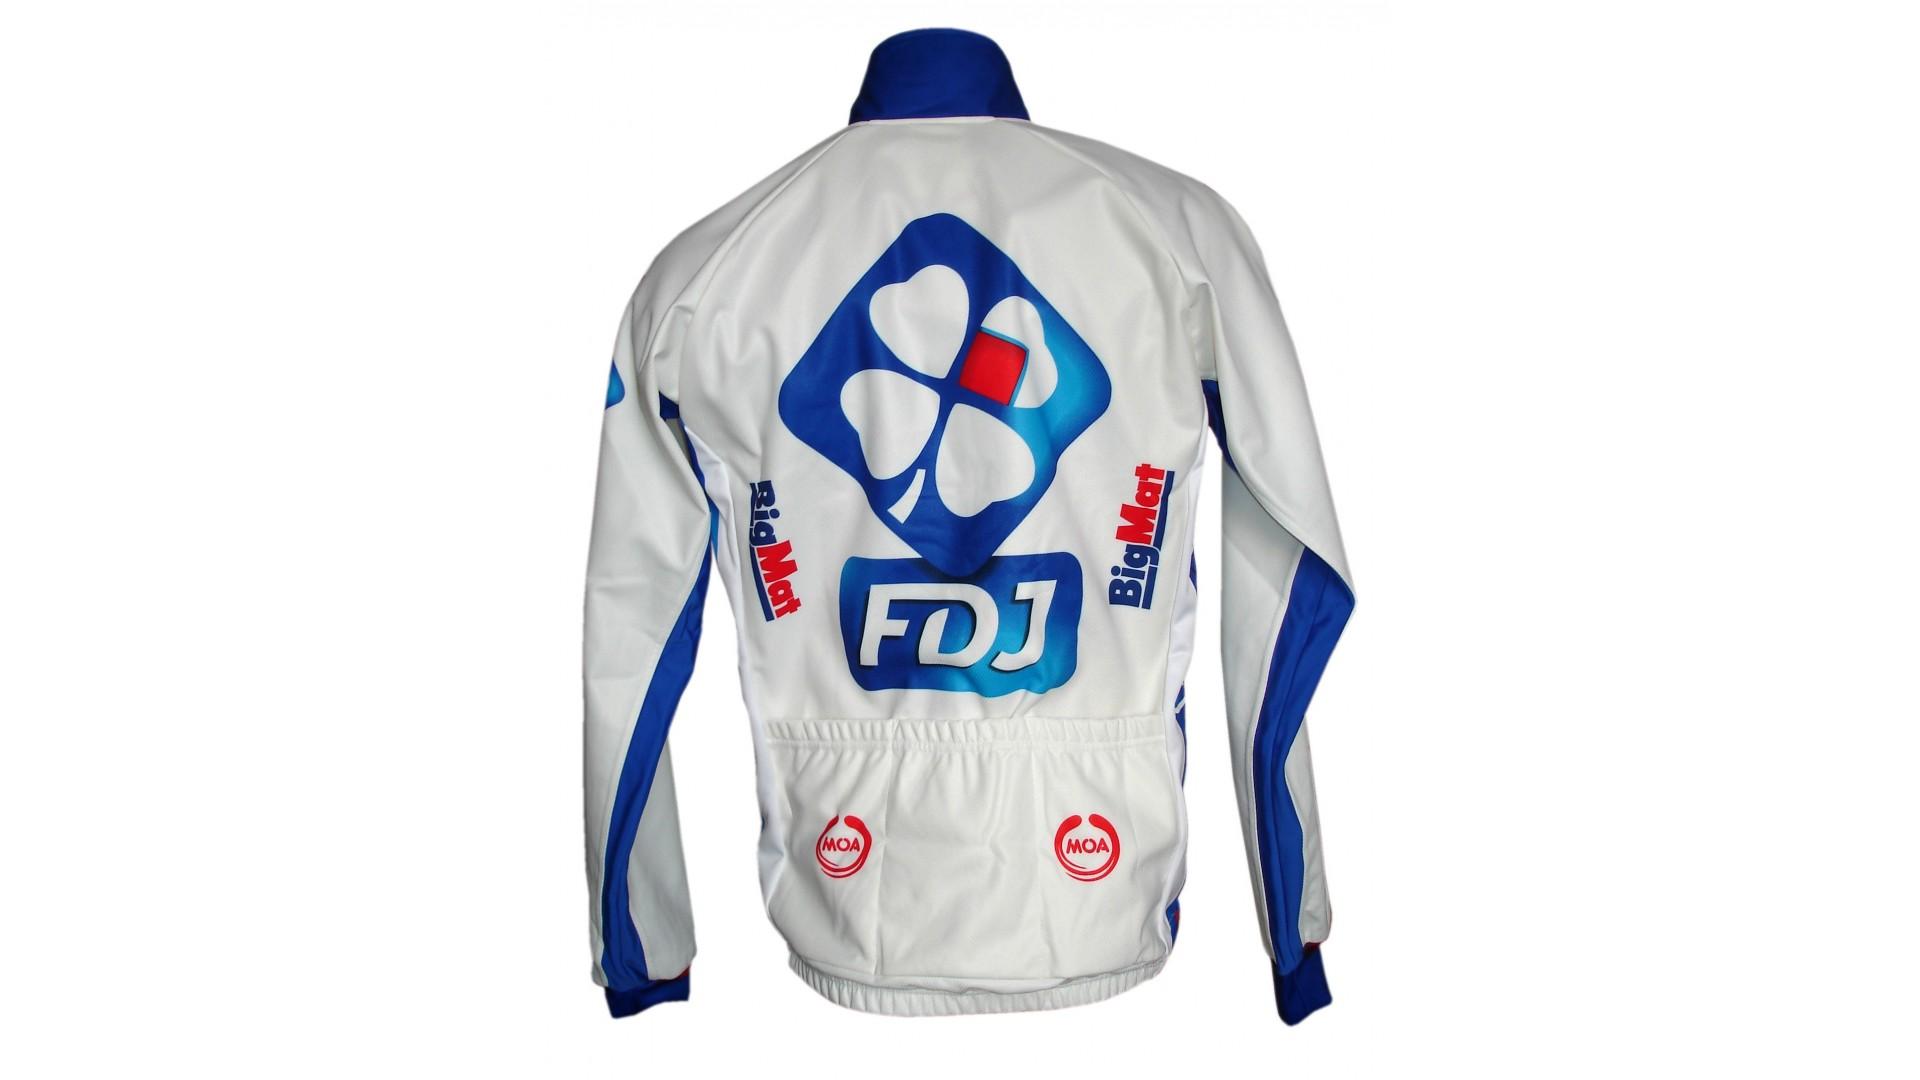 Комплект велоодежды зимний Nalini FDJ-Big Mat